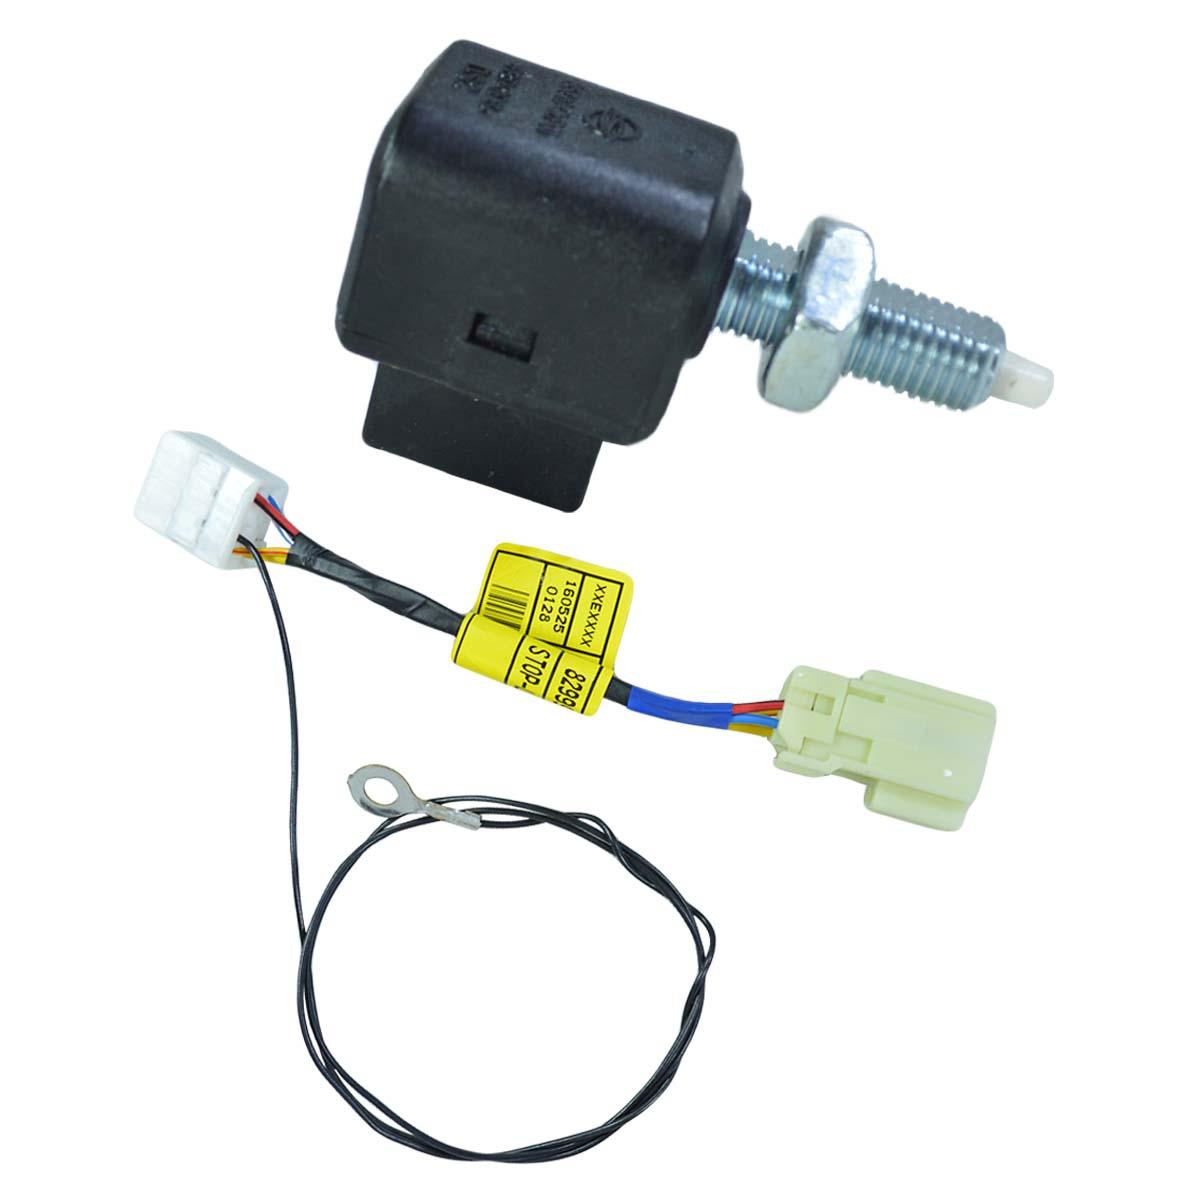 Kit Sensor Pedal Freio + Cabo Adaptador Ssangyong Actyon SUV 2.0 2.3 após 2008